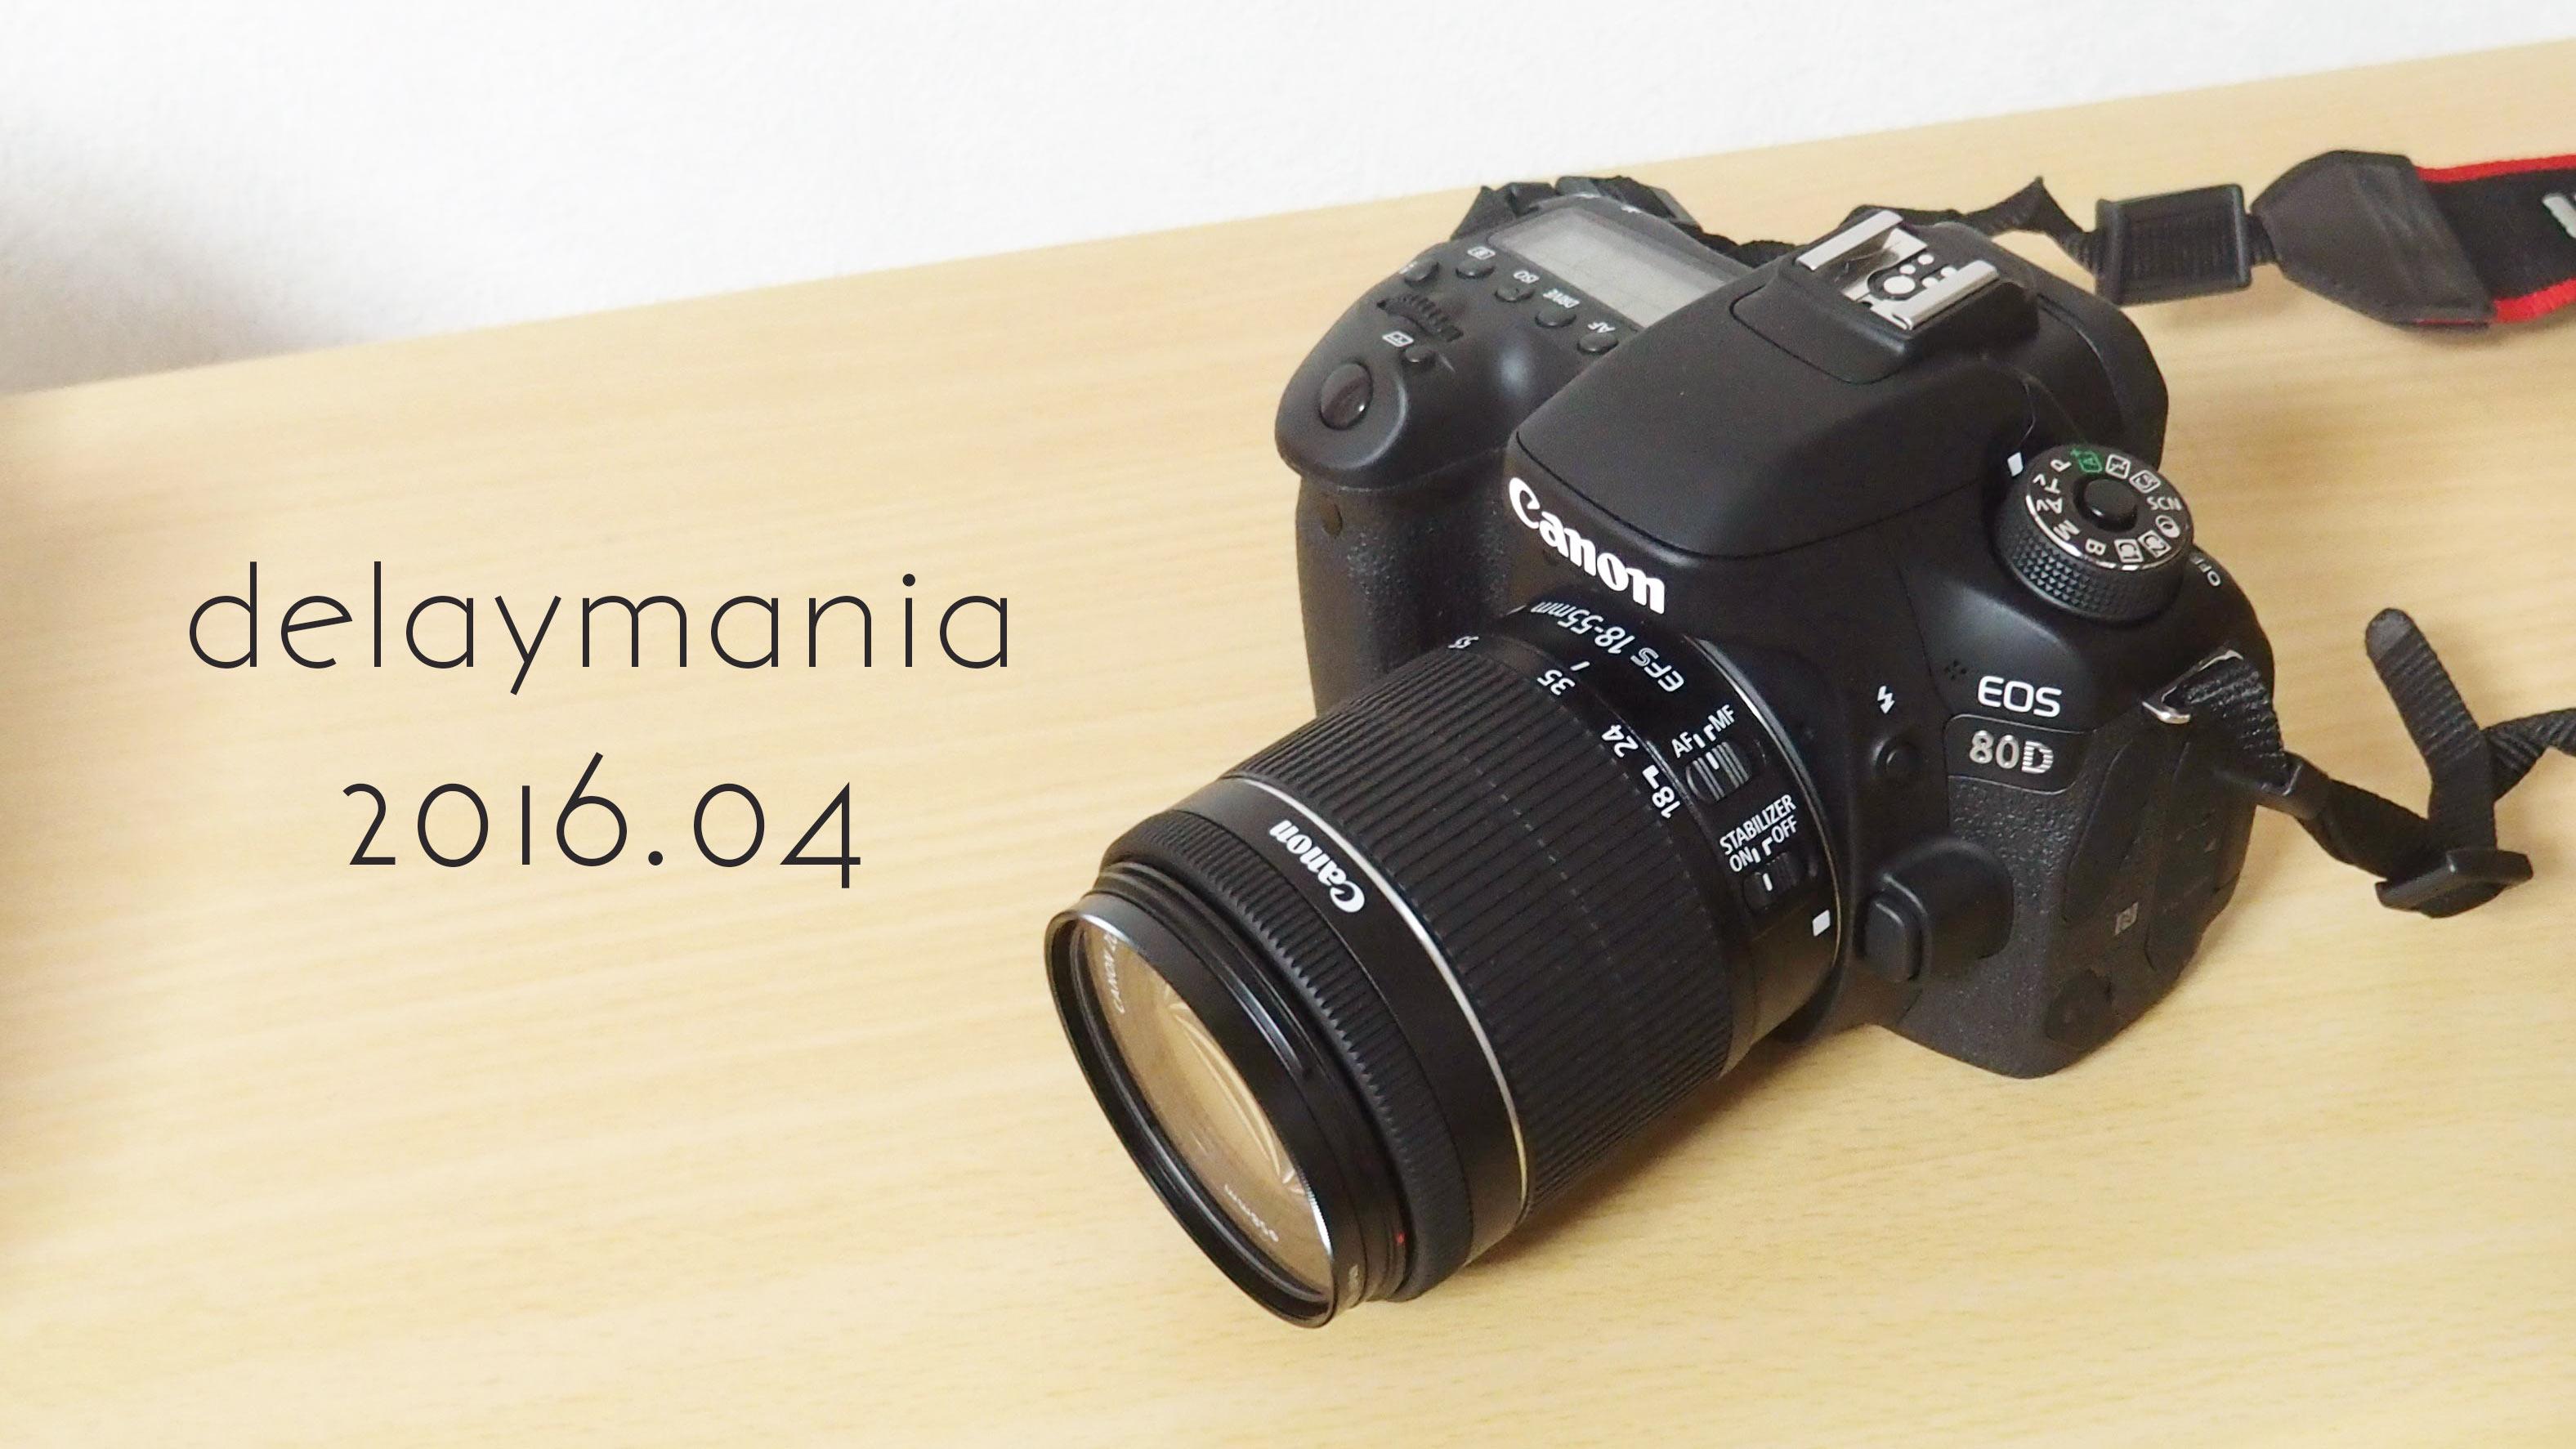 2016年04月の主な出来事まとめ!EOS 80D購入につきカメラカテゴリを新設しました!